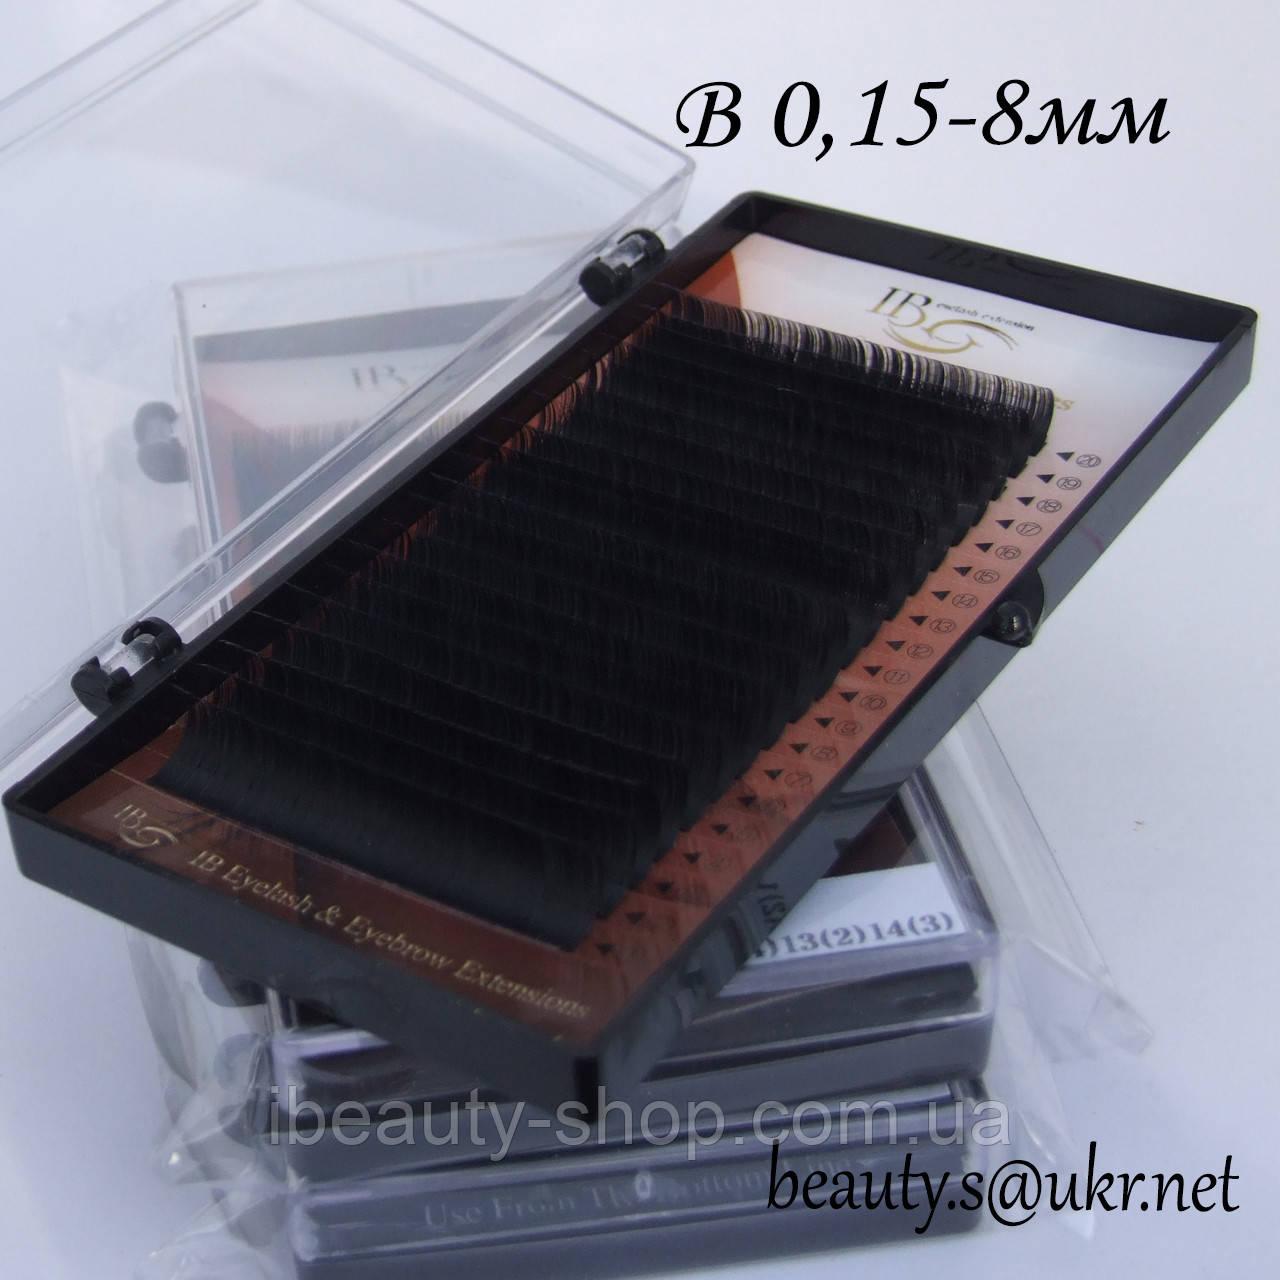 Ресницы  I-Beauty на ленте B 0,15-8мм